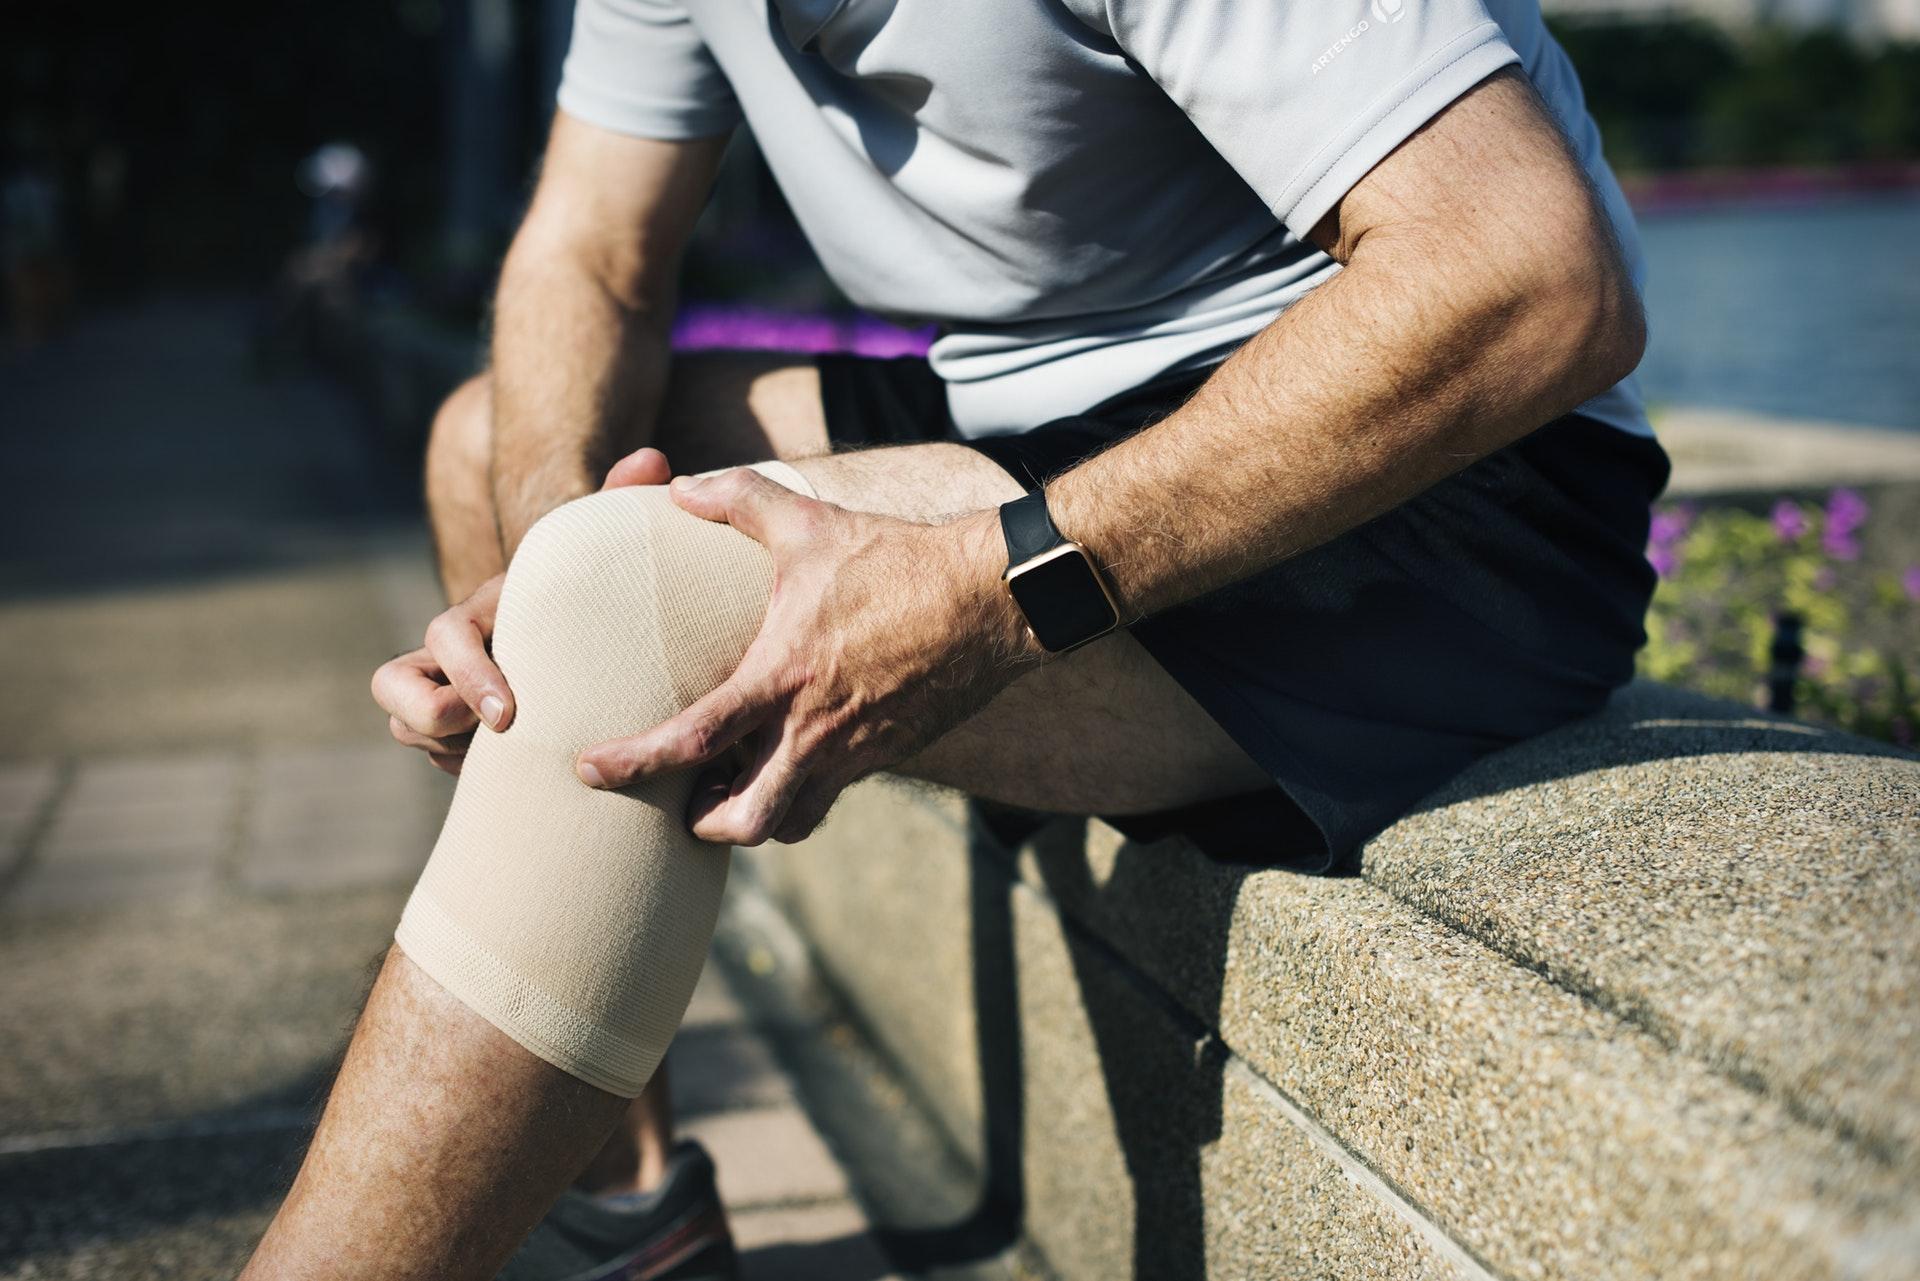 Як позбавитися від болю у м'язах